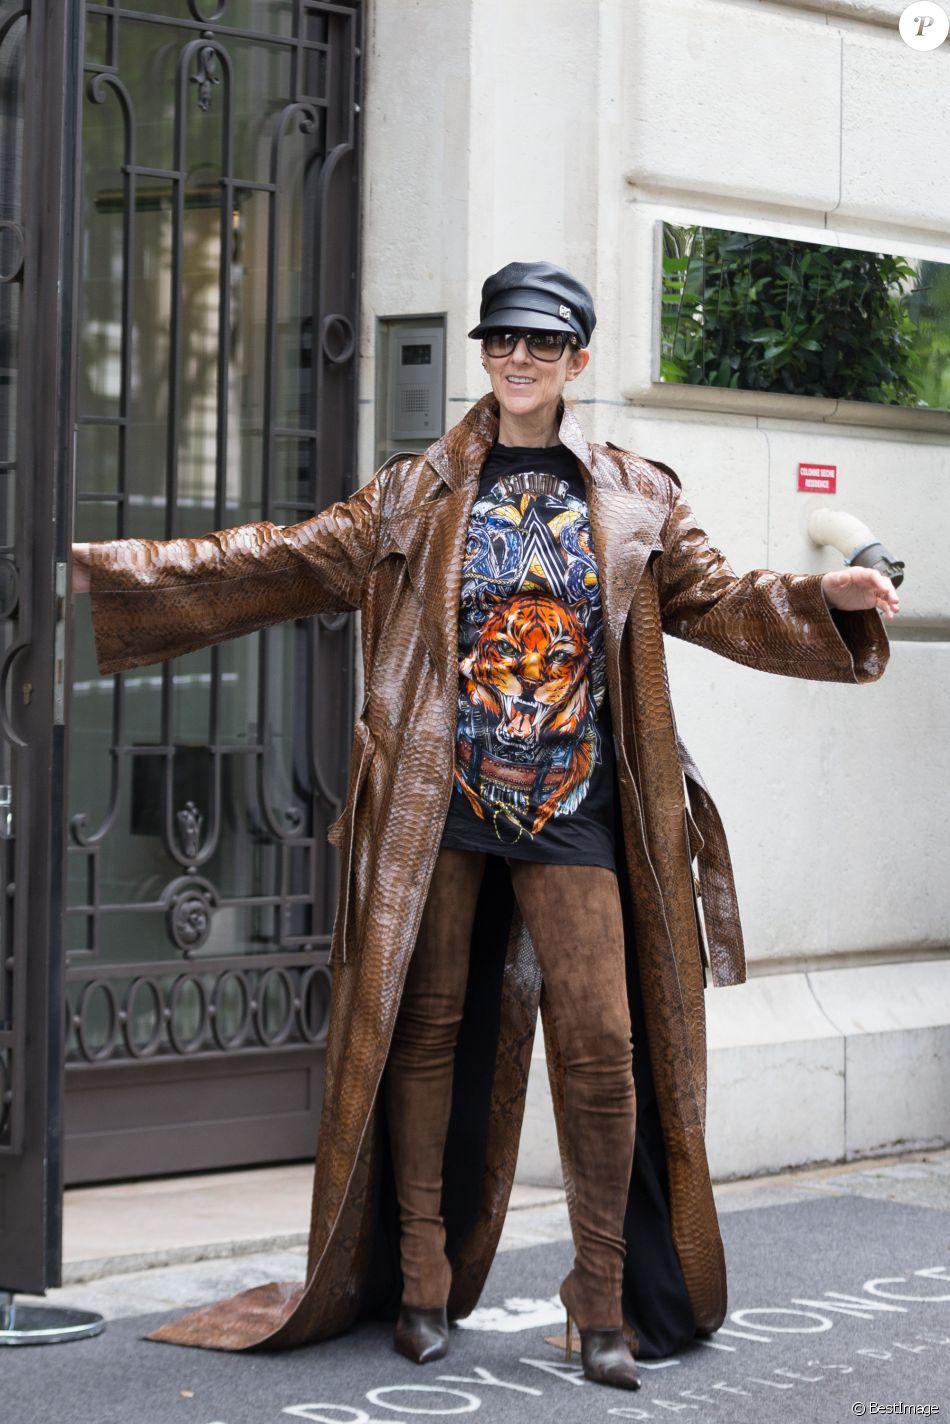 Céline Dion quitte l'hôtel Royal Monceau, à Paris, le 28 juin 2017. © Bestimage